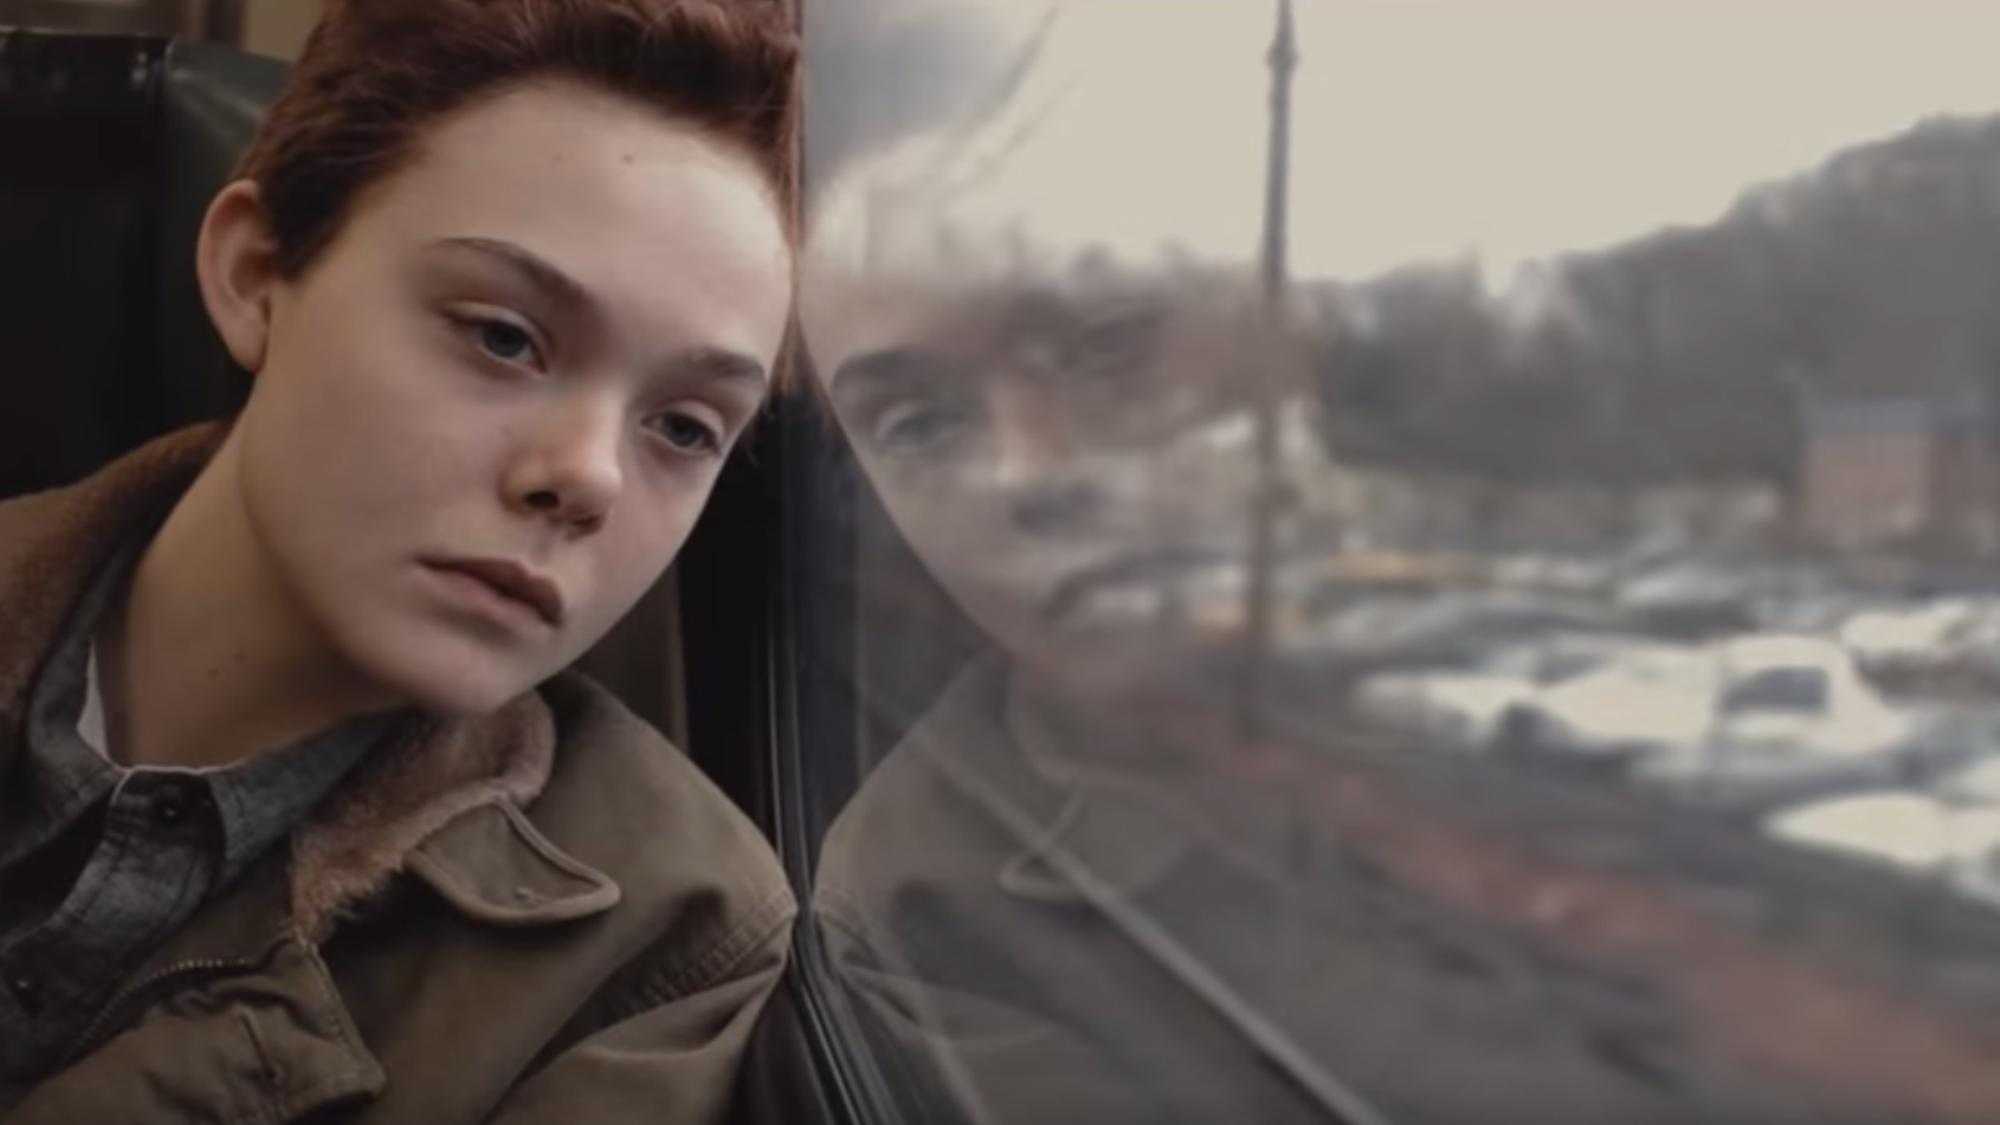 A Movie Where A Girl Pretends To Be A Boy